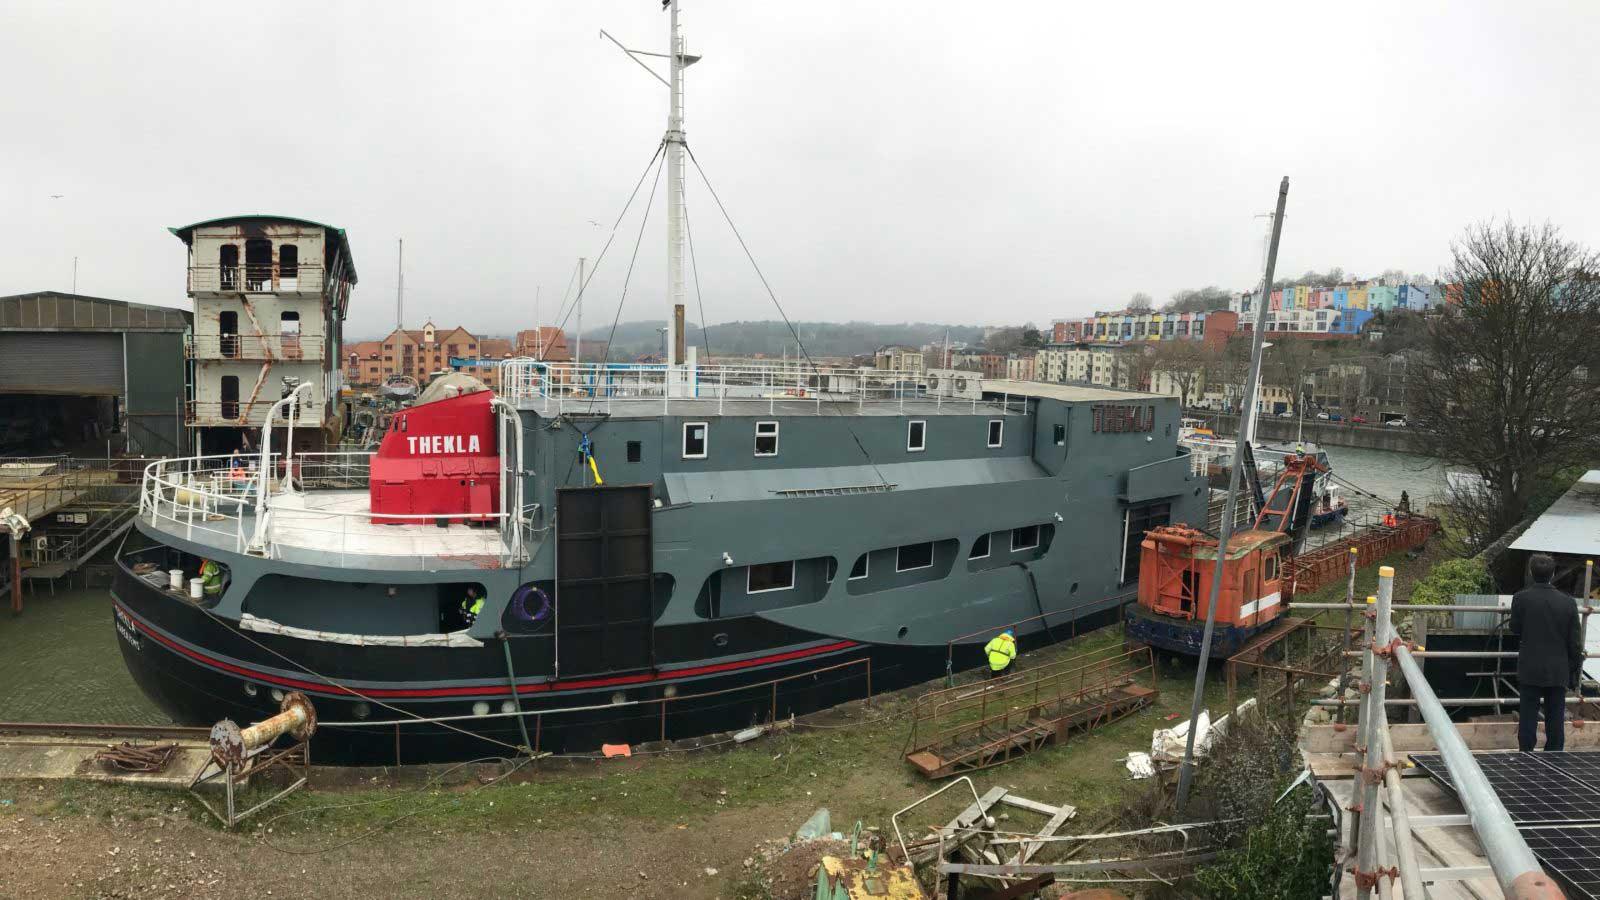 Thekla in Albion dockyard